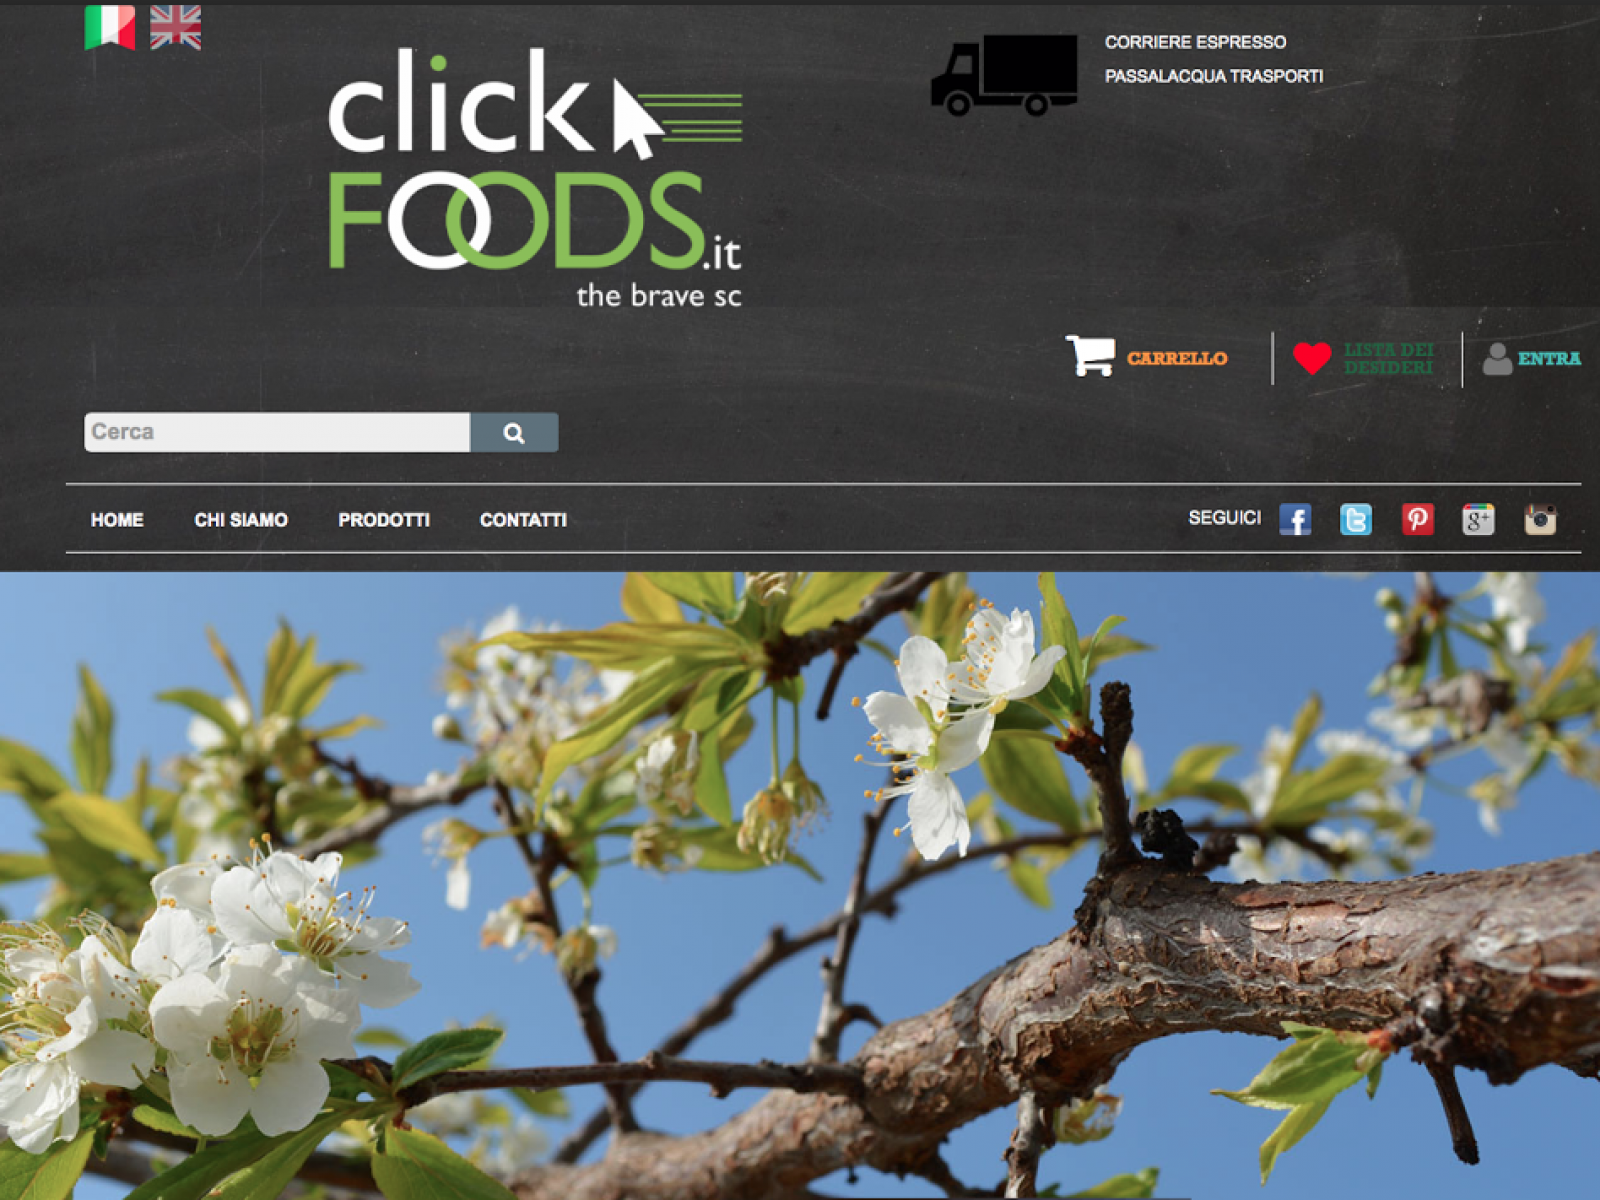 Meno di 24 ore al lancio di clickfoods.it, il portale di e-commerce dei prodotti enograstronomici belicini